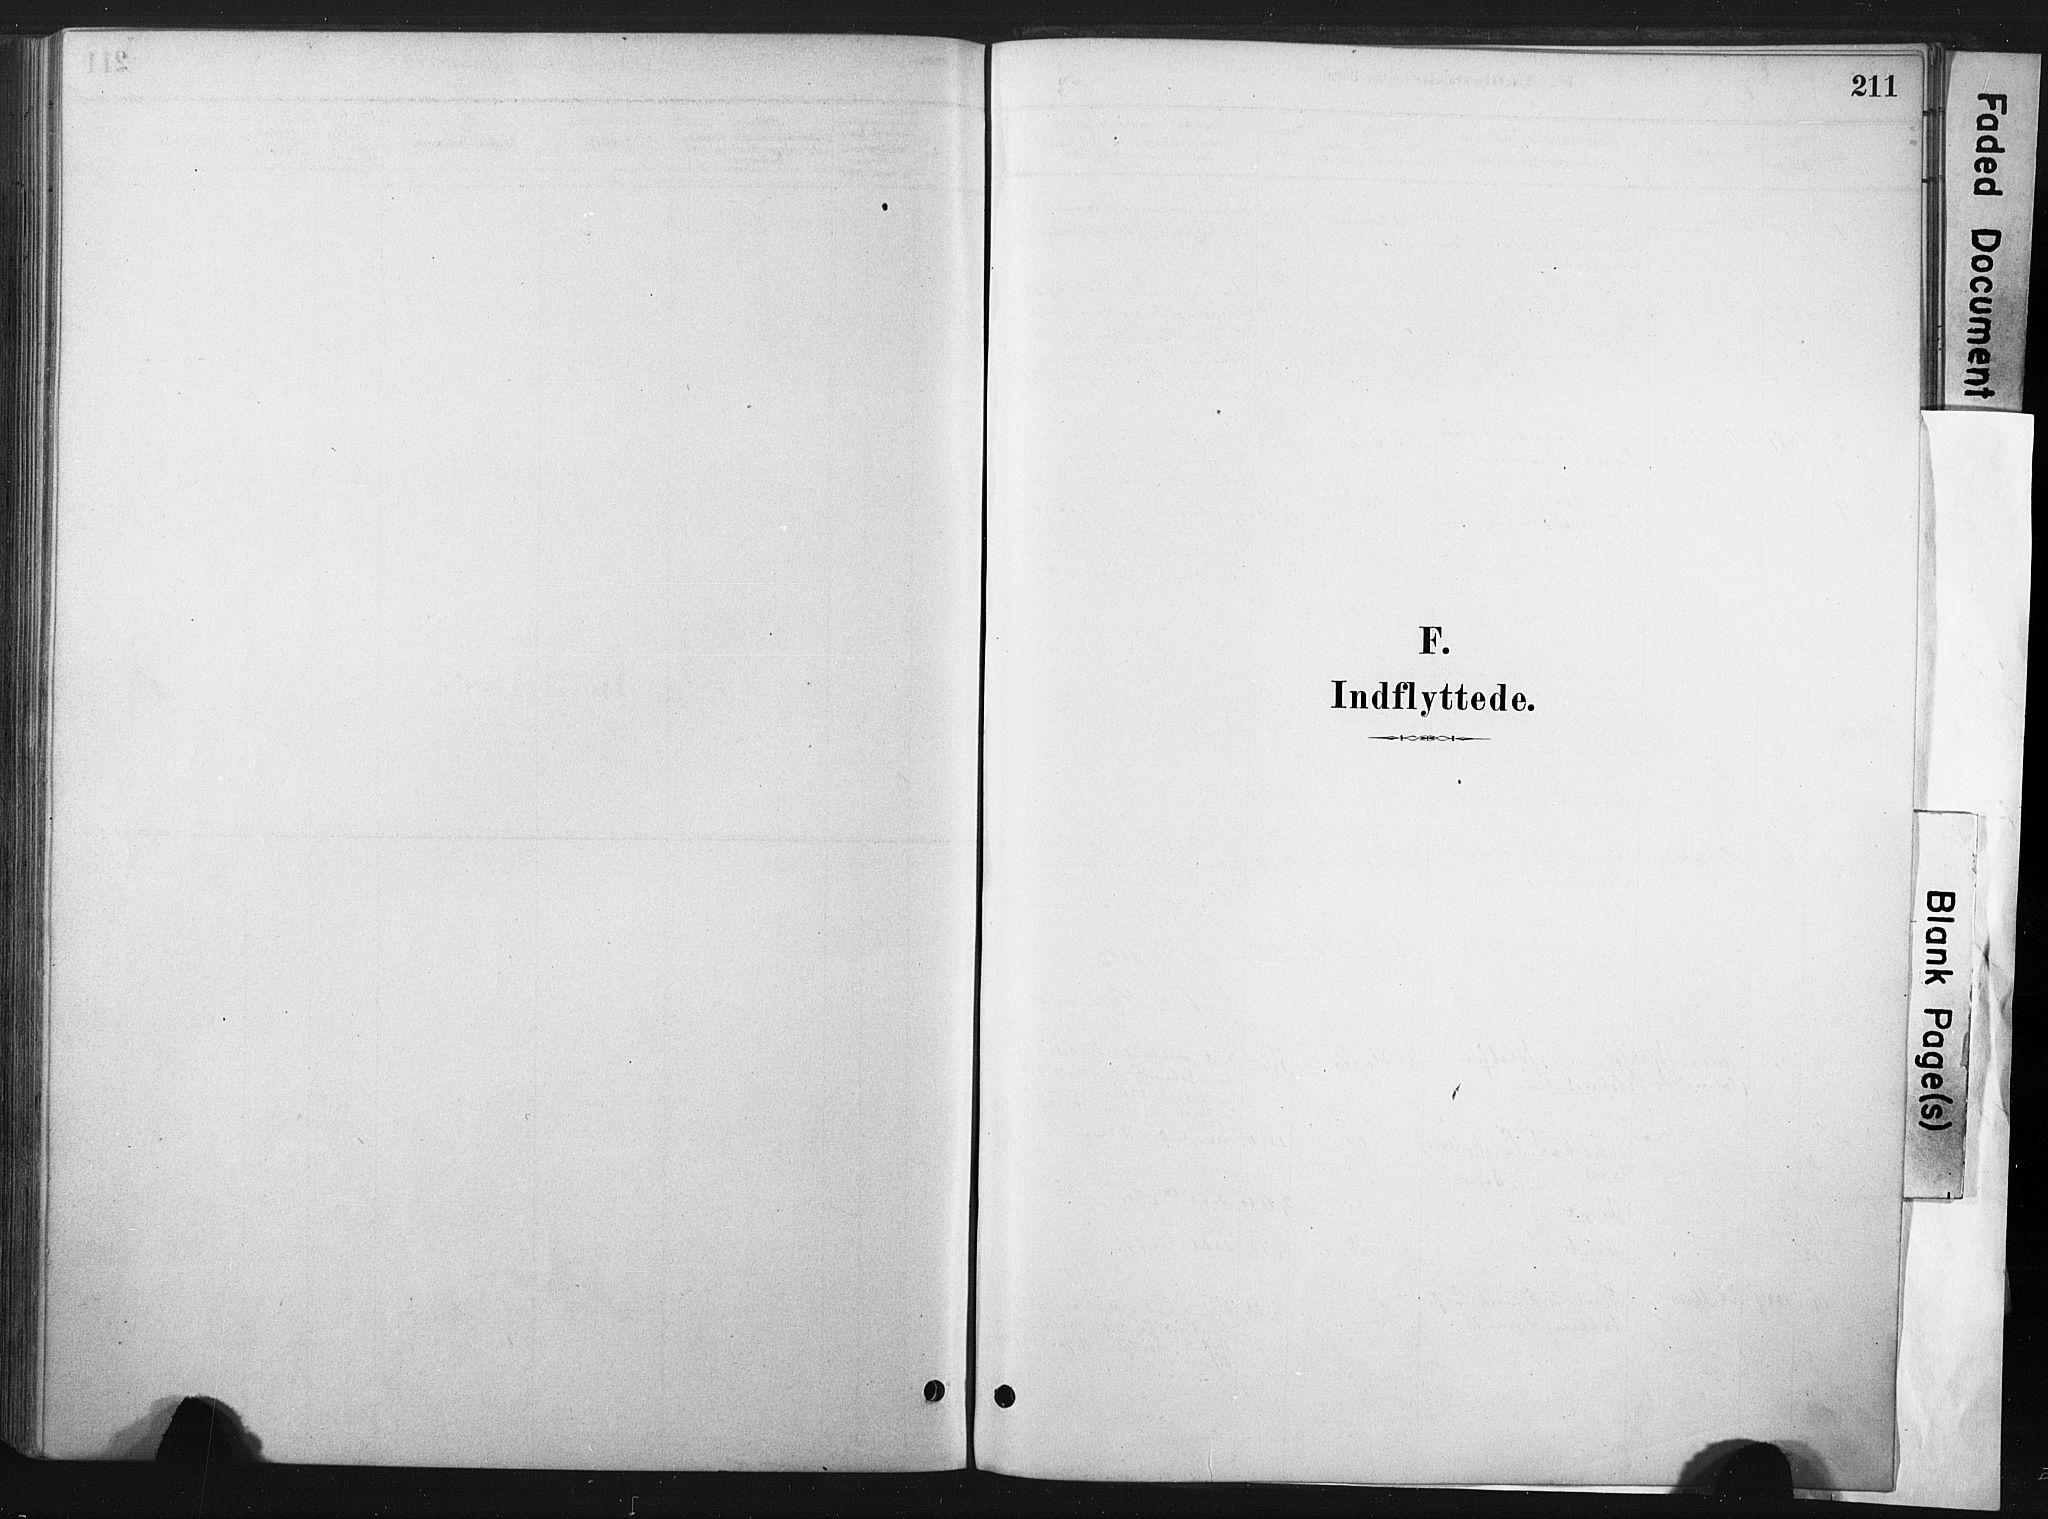 SAT, Ministerialprotokoller, klokkerbøker og fødselsregistre - Sør-Trøndelag, 667/L0795: Ministerialbok nr. 667A03, 1879-1907, s. 211